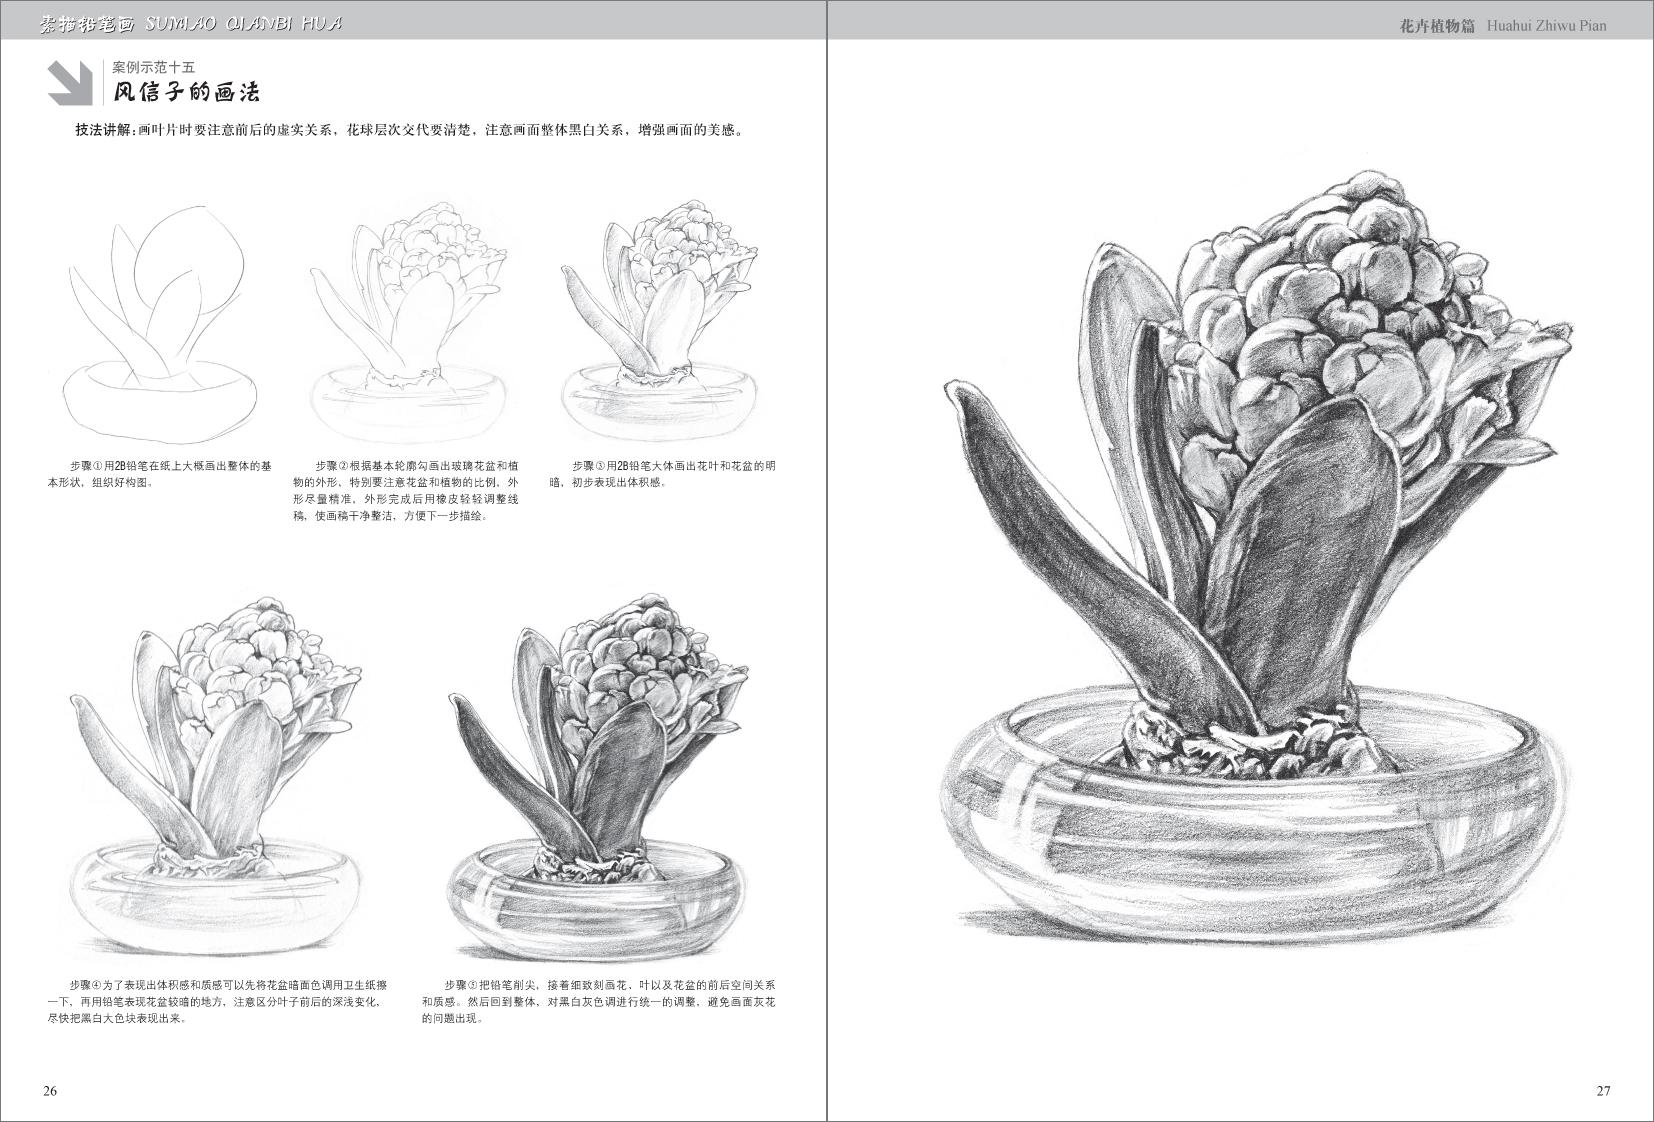 素描铅笔画· 花卉植物篇/刘丽霞